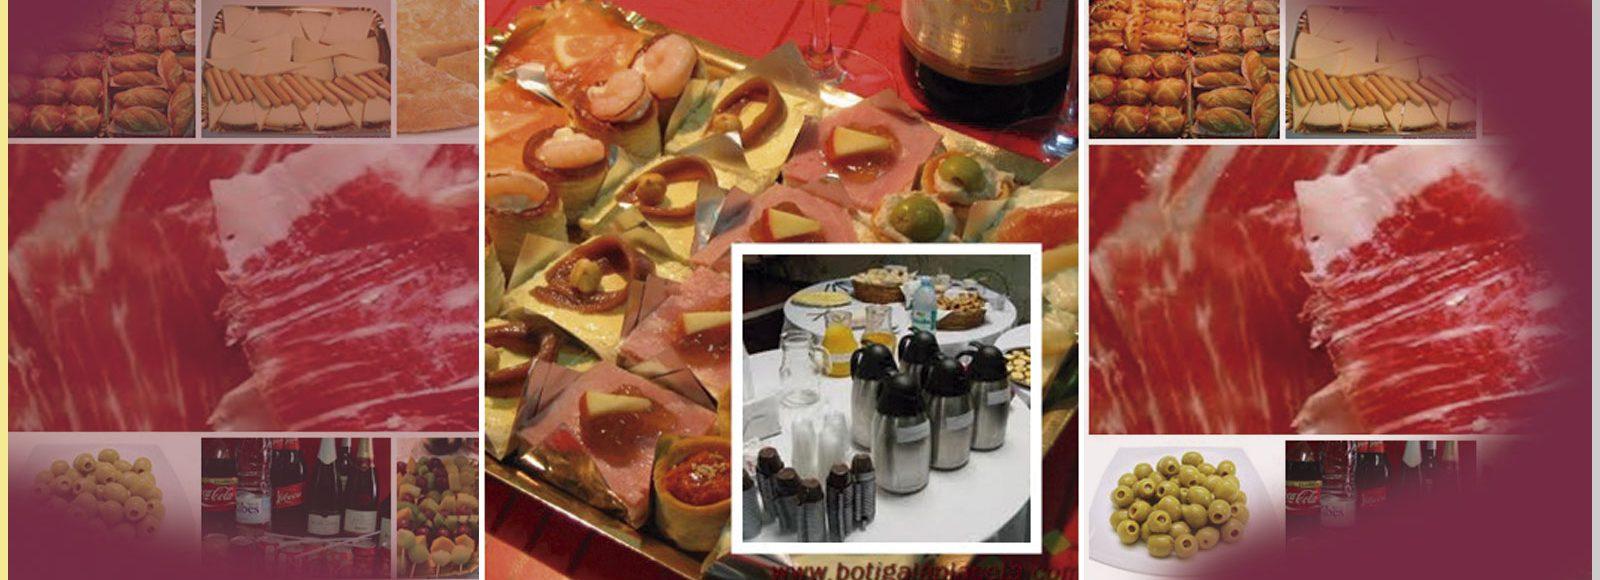 productos la placeta Mataró